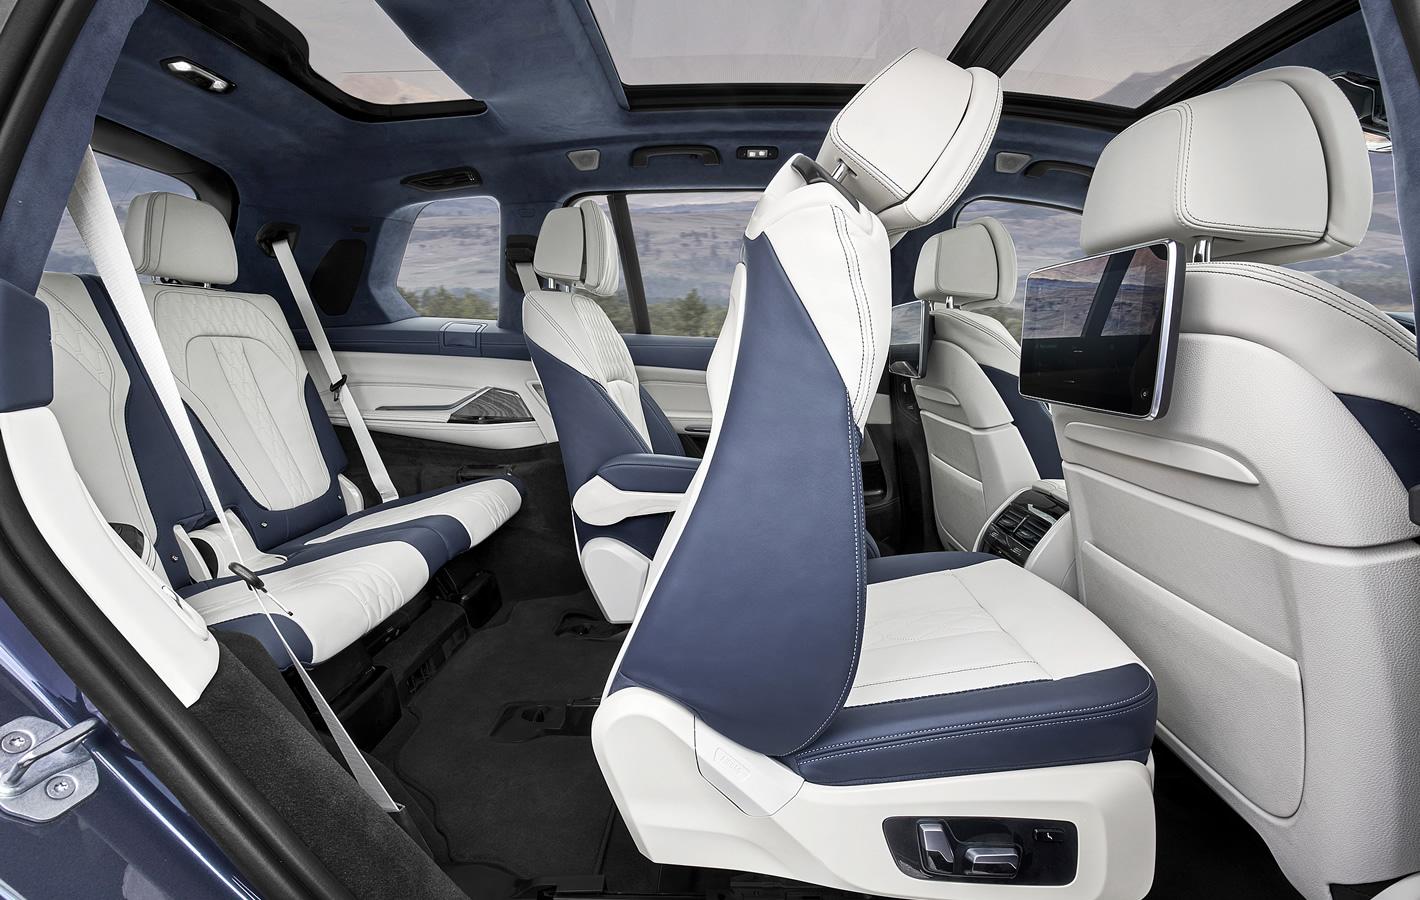 BMW X7 - trzy rzędy siedzeń